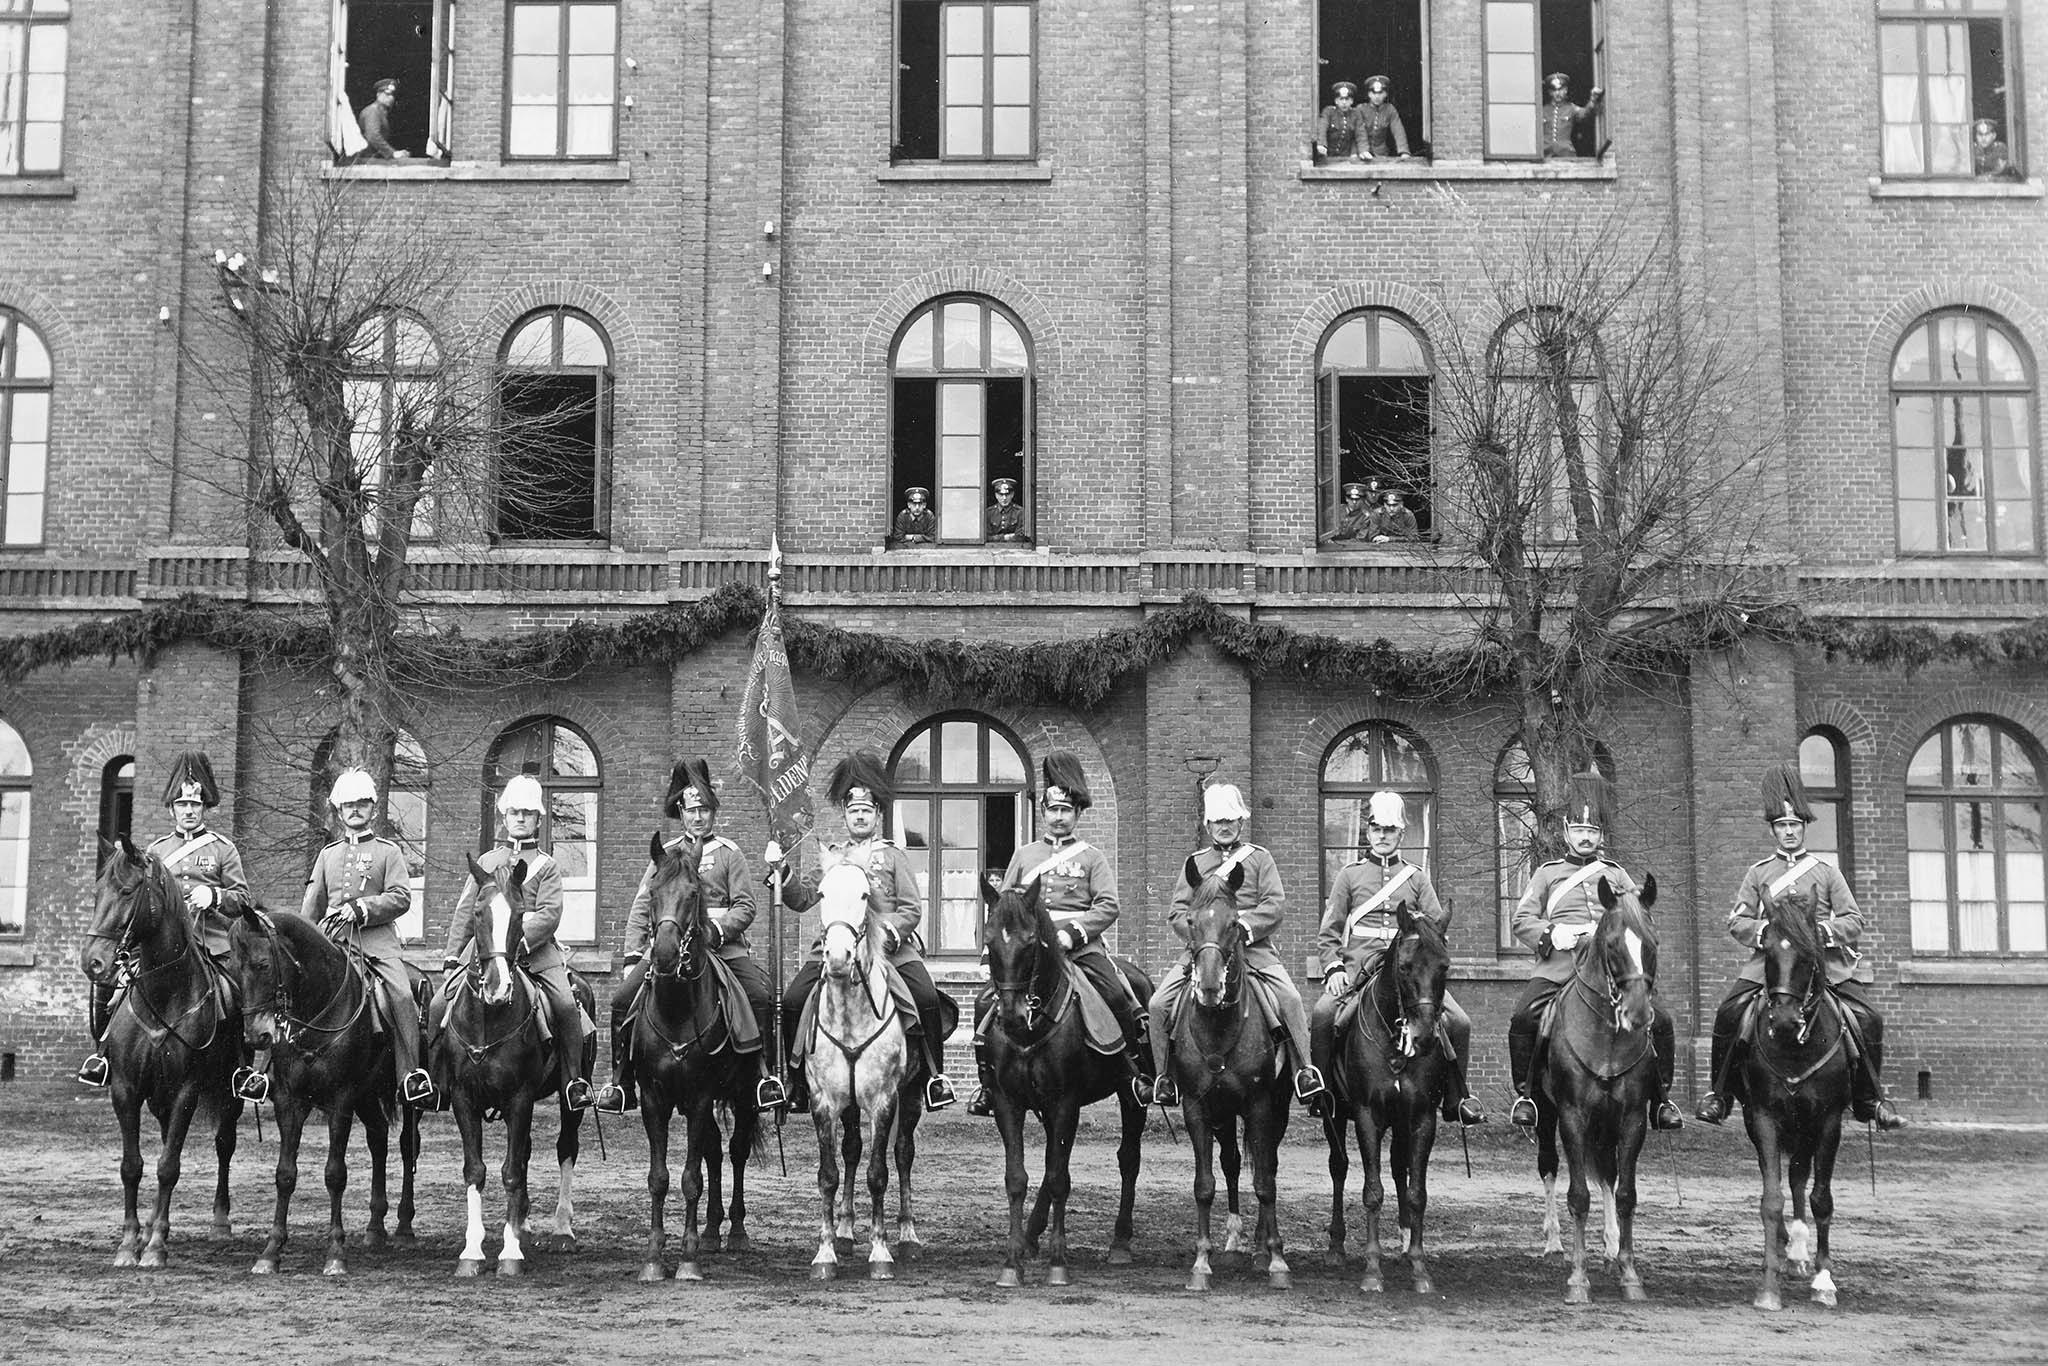 militaire ruiters voor de eerste wereldoorlog